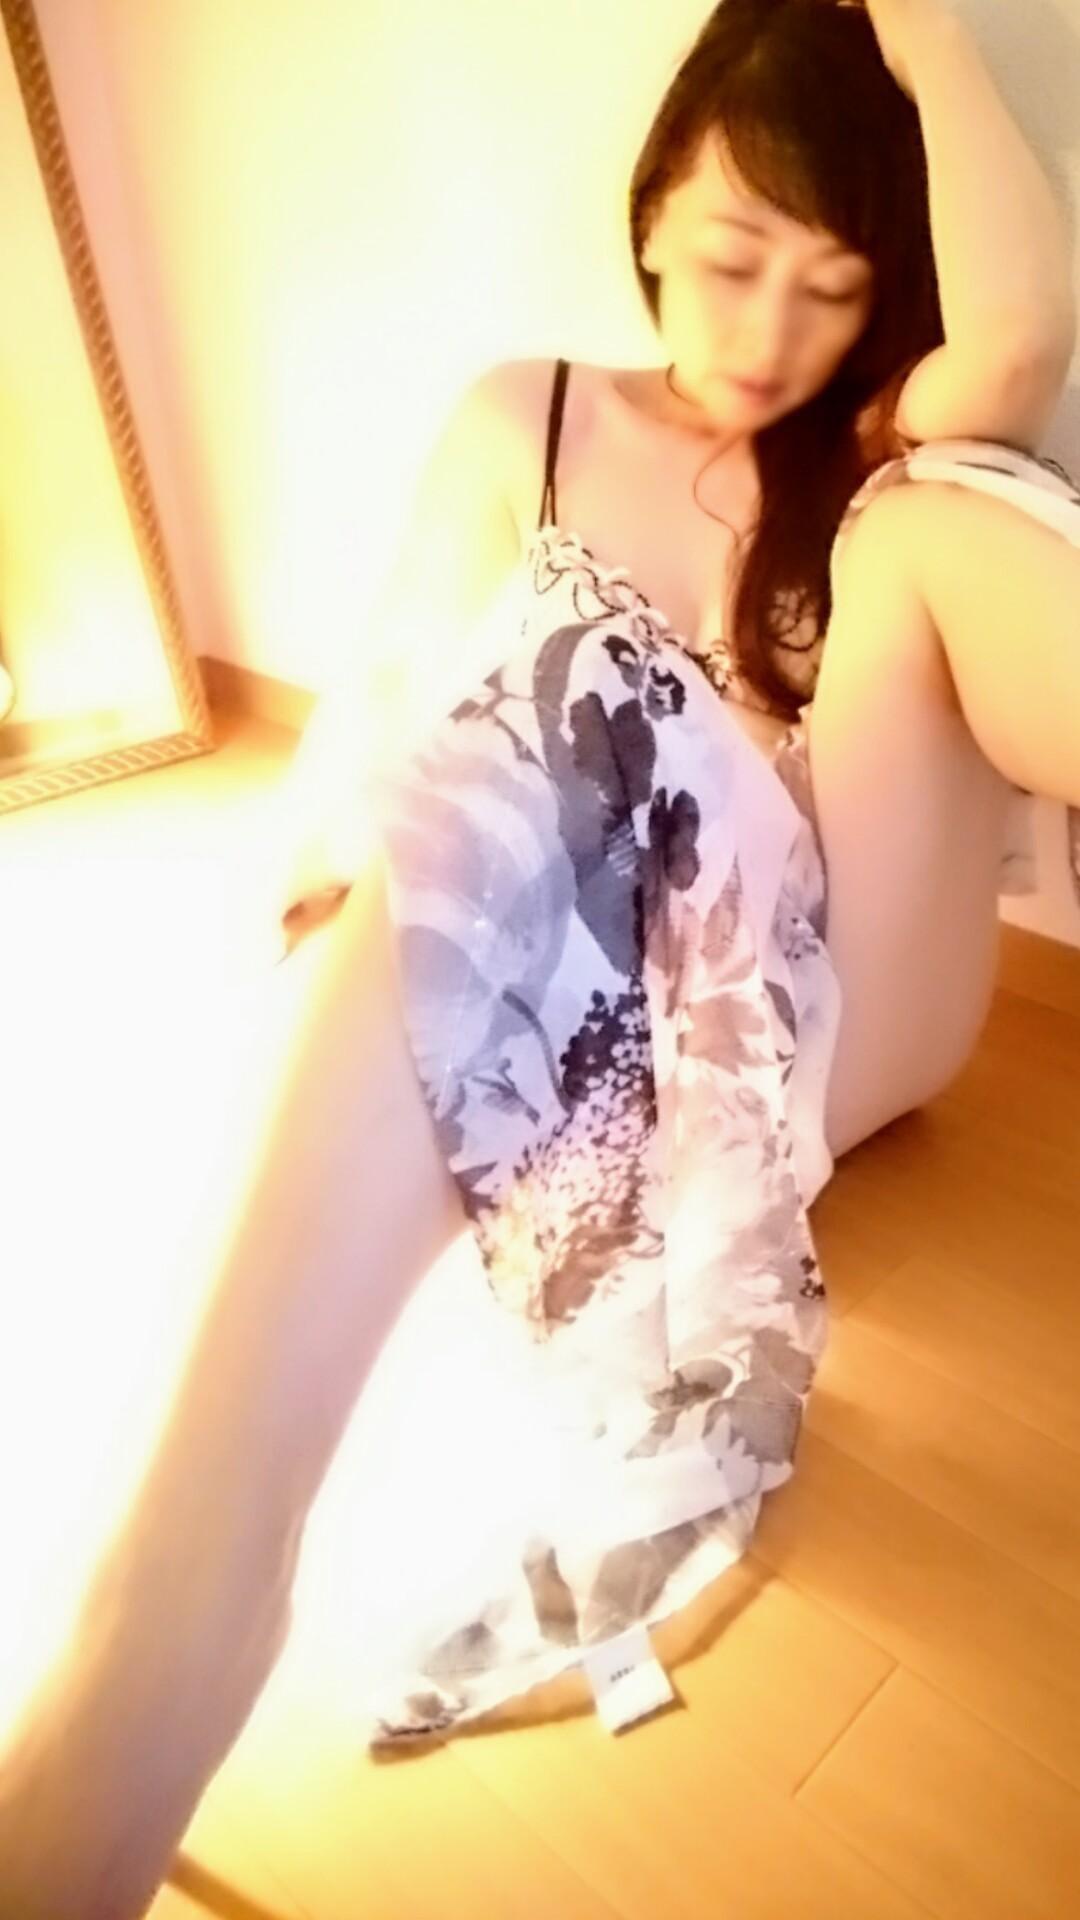 北原 よしみ「お変わりないですかぁ(*^^*)」09/26(水) 14:55 | 北原 よしみの写メ・風俗動画